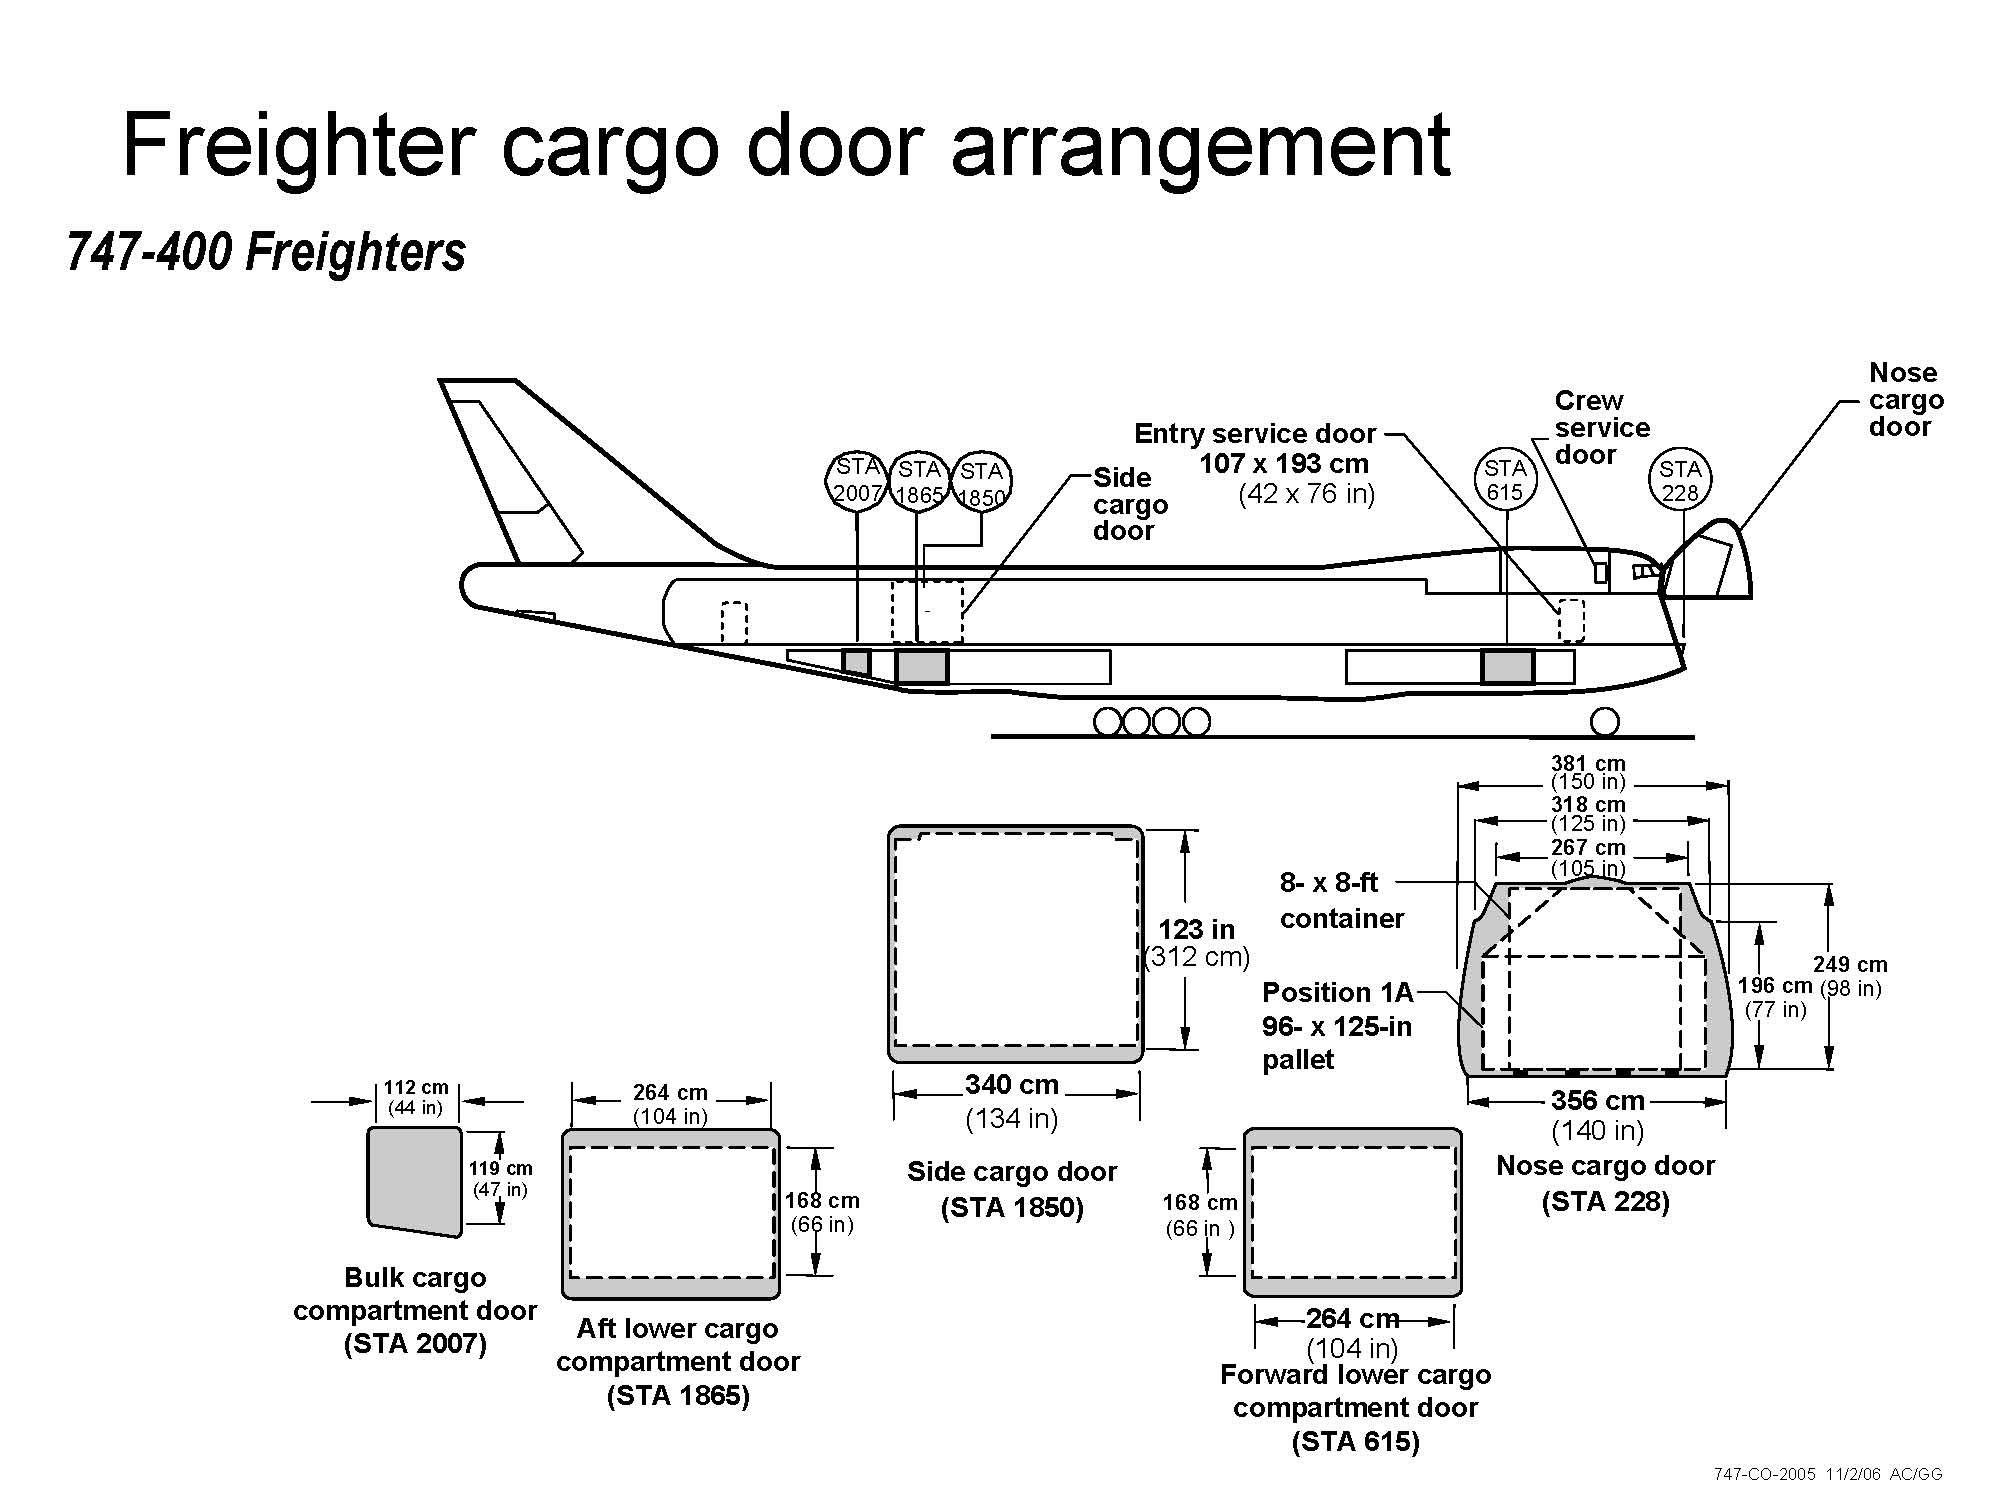 Boeing 747400 Freighter Door Arrangement (Atlas Air